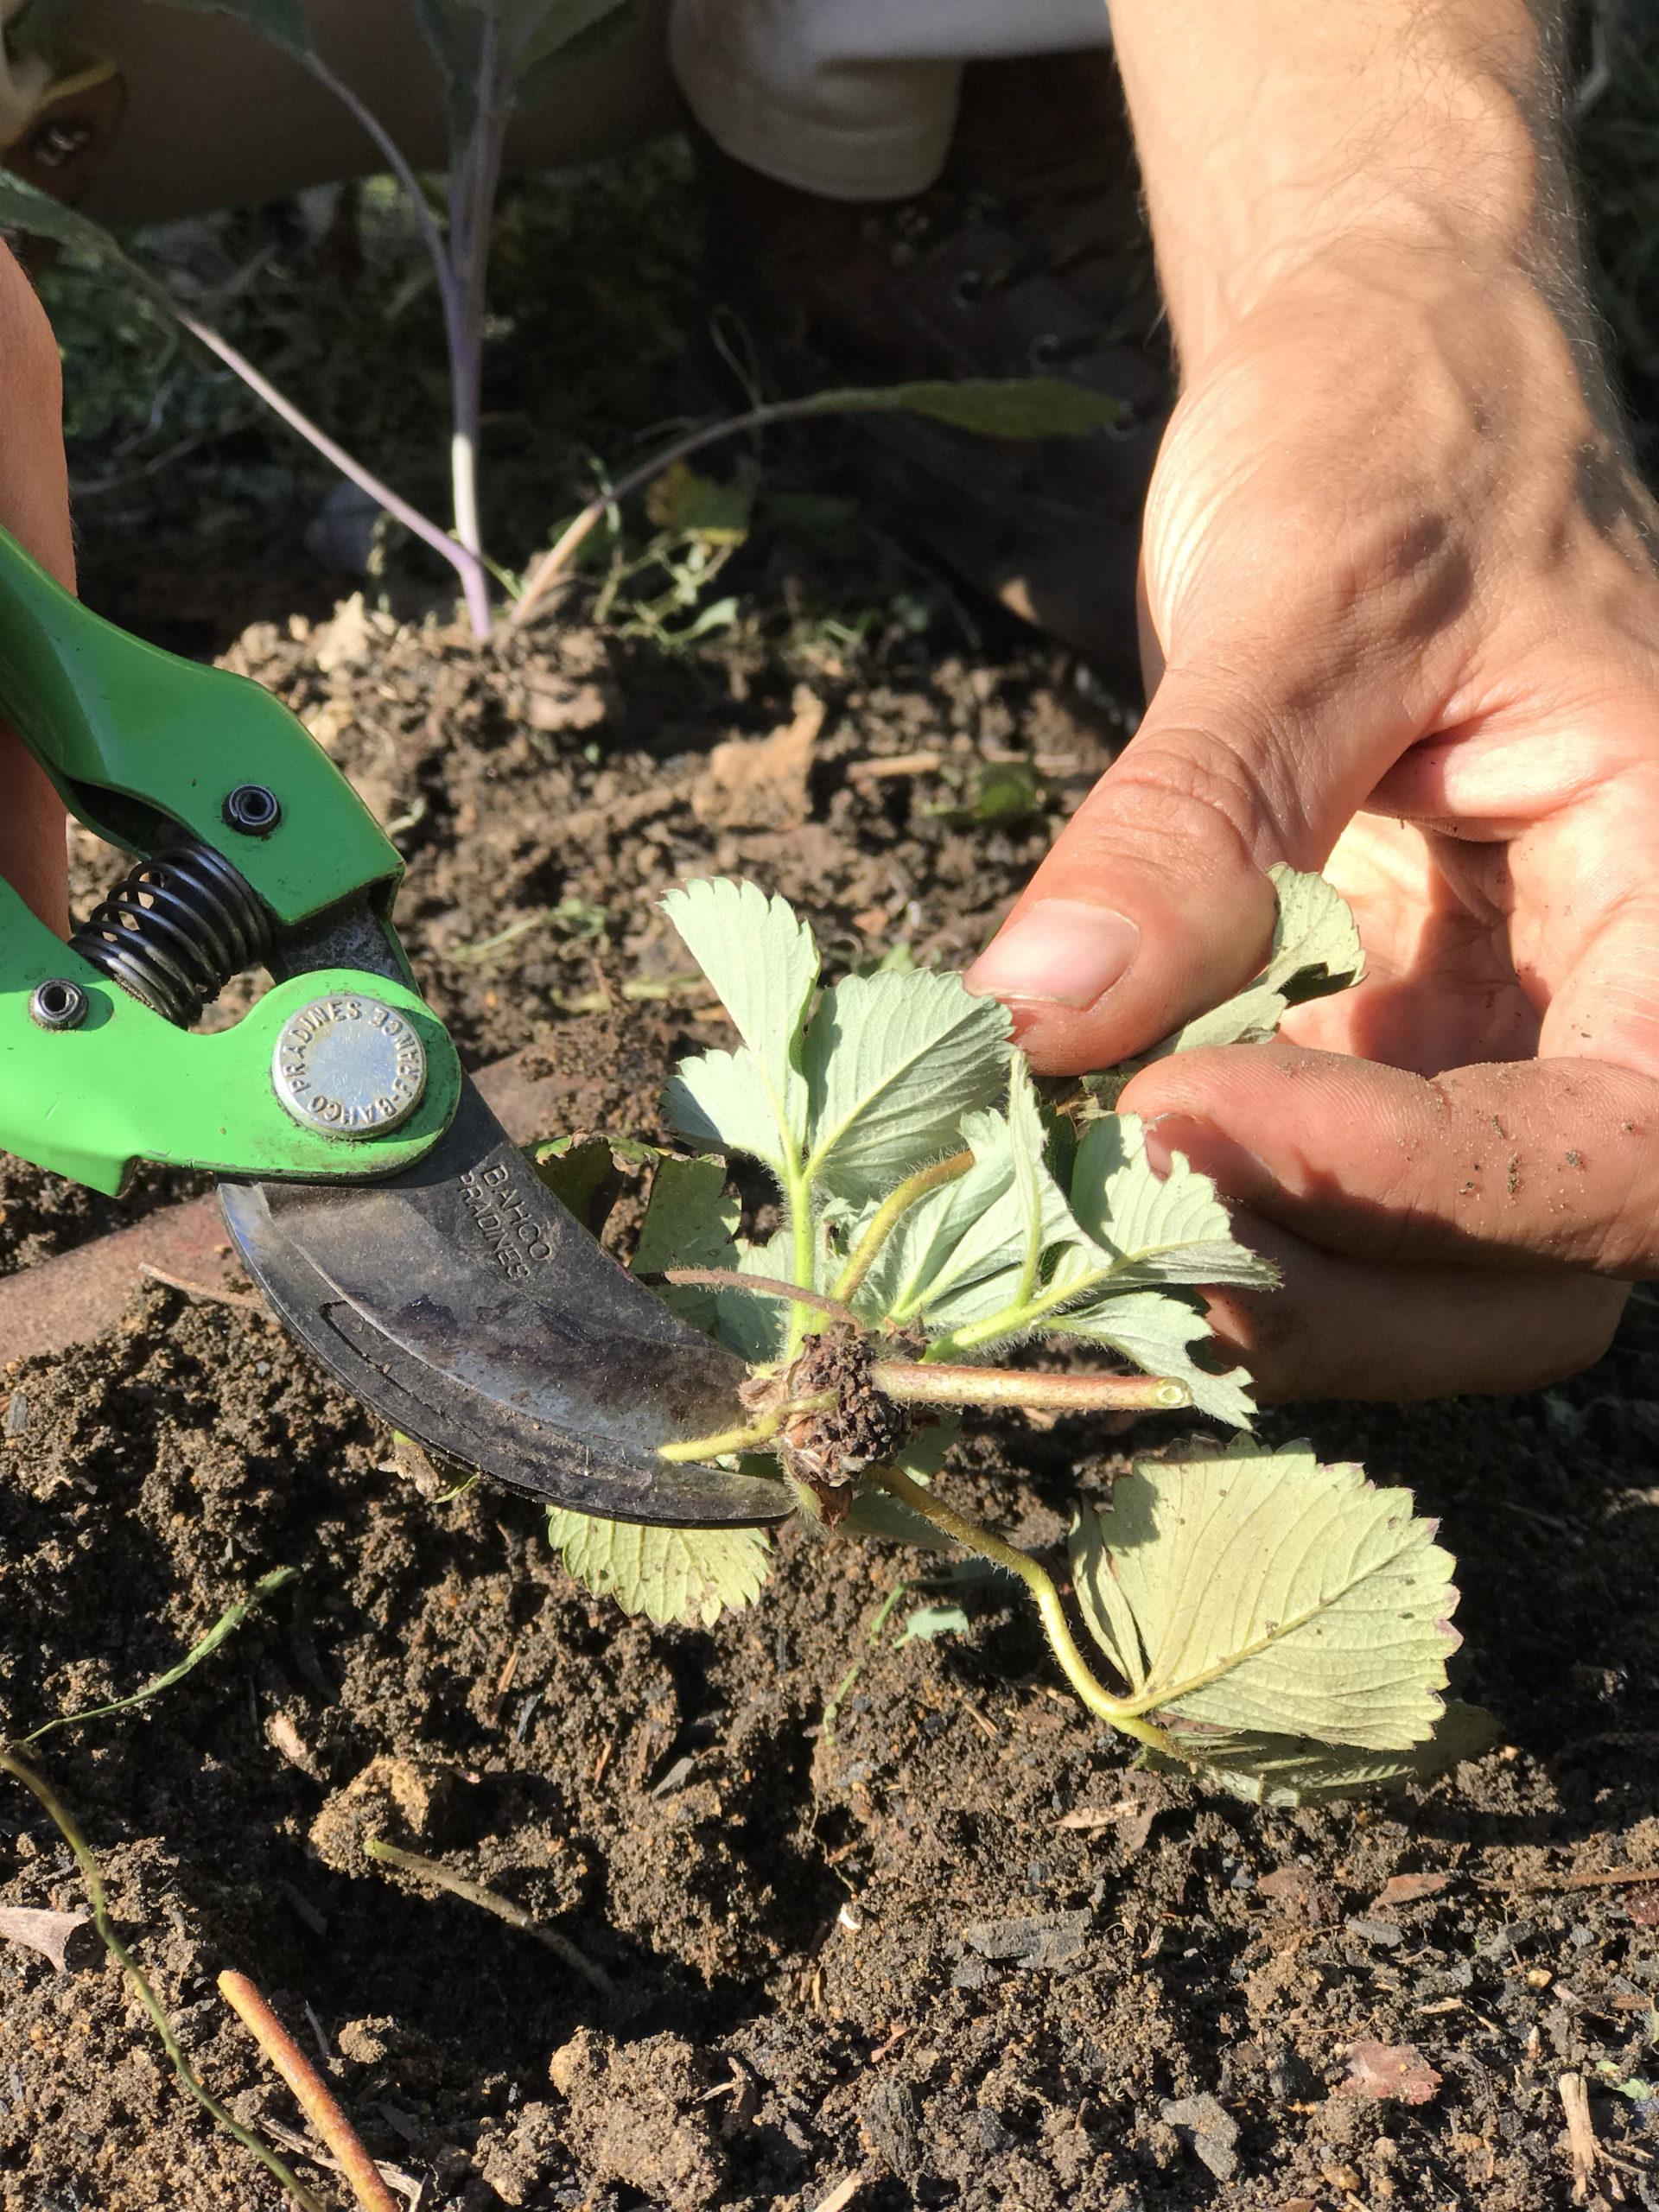 stolon de fraisier avec petites racines prêtes à bouturer